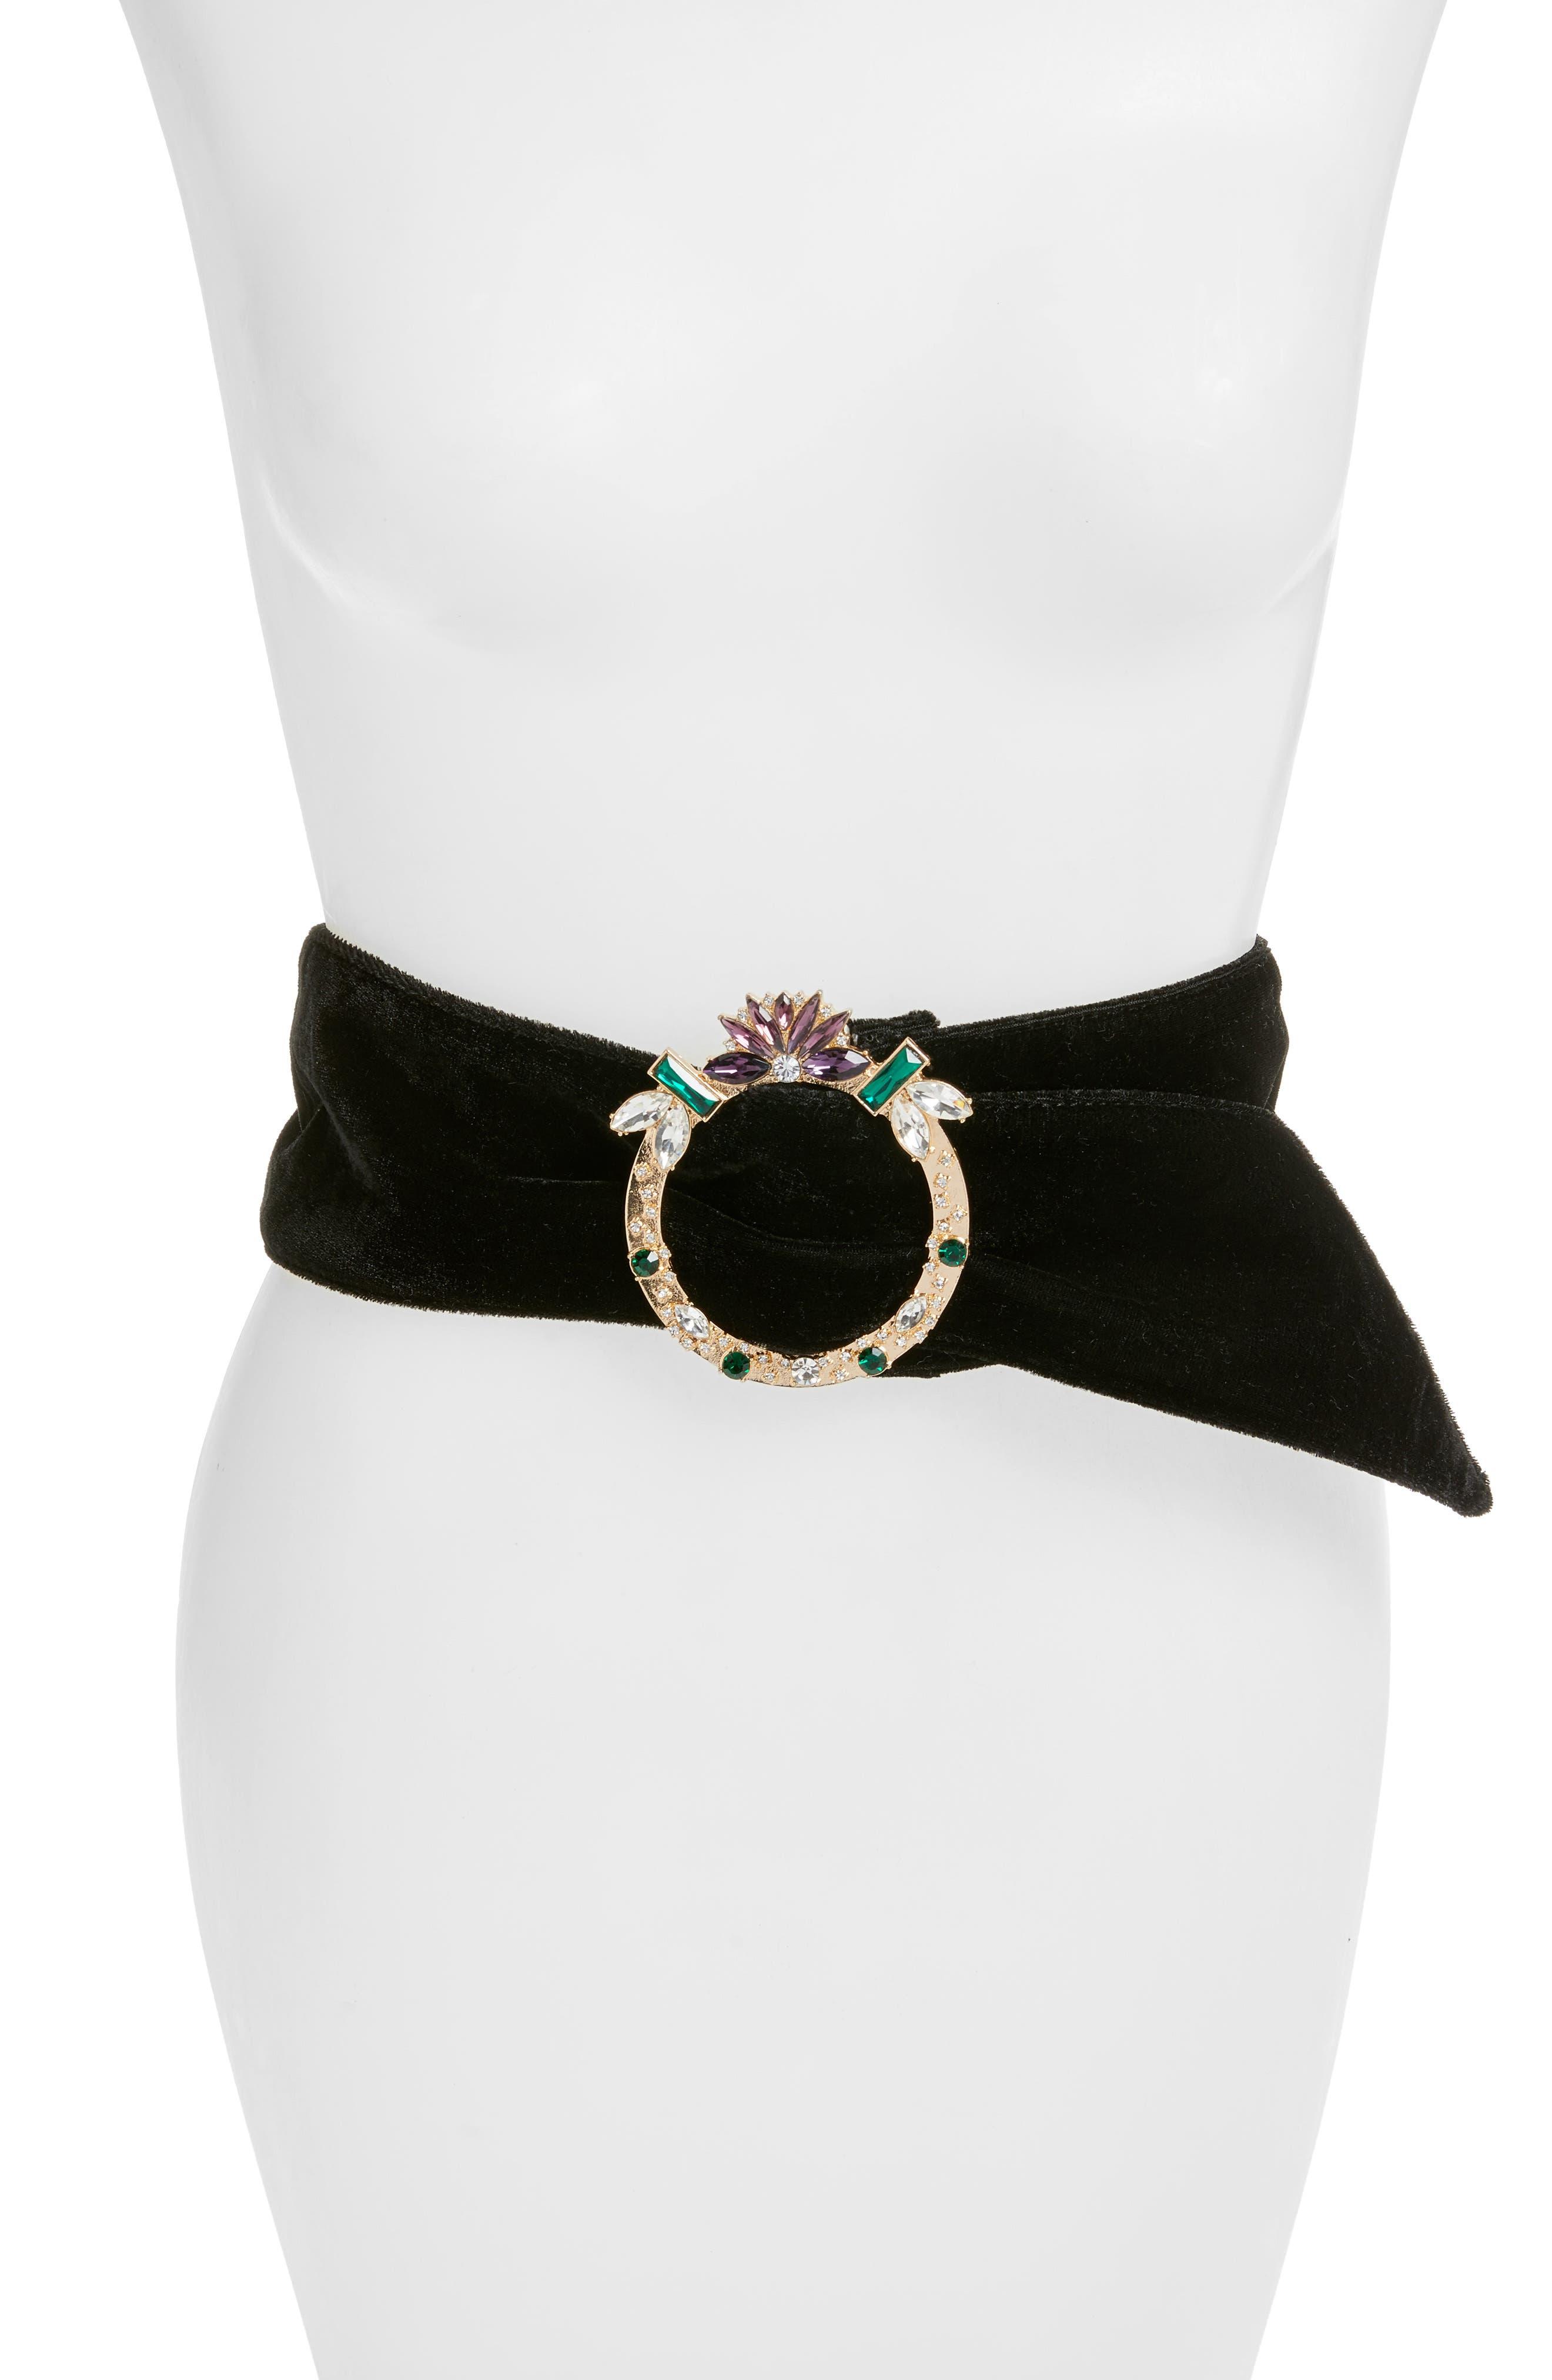 Jewel Buckle Belt,                         Main,                         color, Black Multi